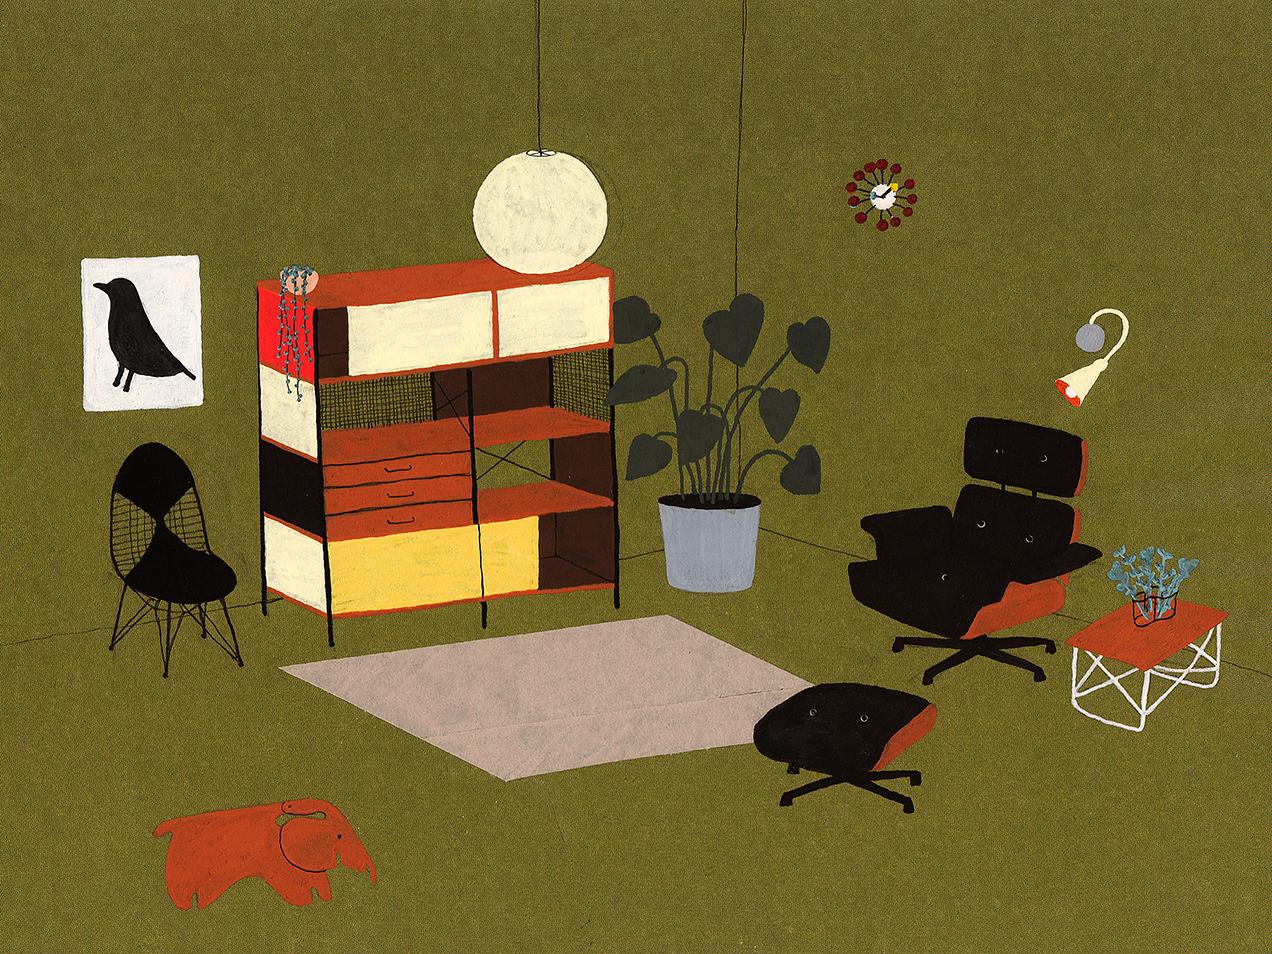 interior design illustrato di Lianne Nixon   Collater.al 16